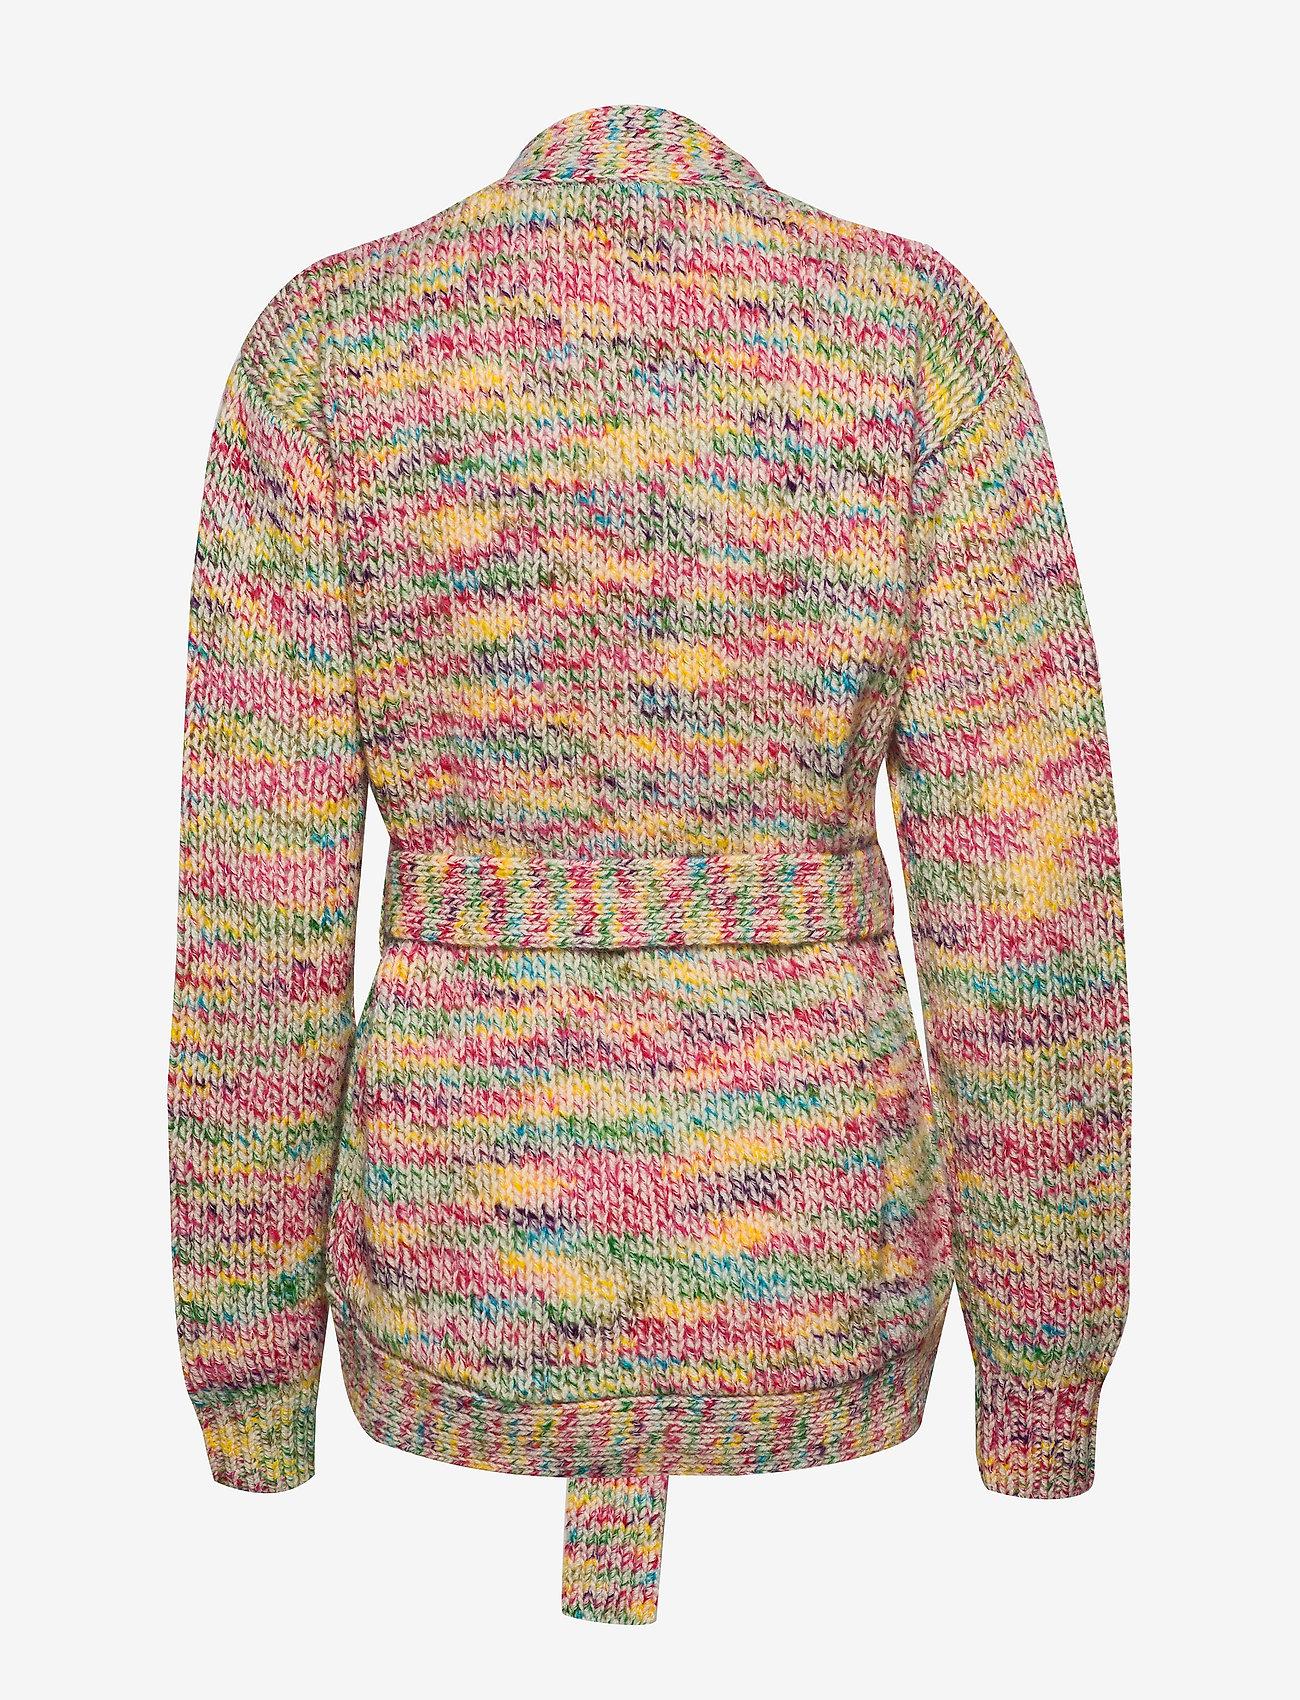 Wool Fun Copenhagen (Multi) - Mads Nørgaard OjHHSZ